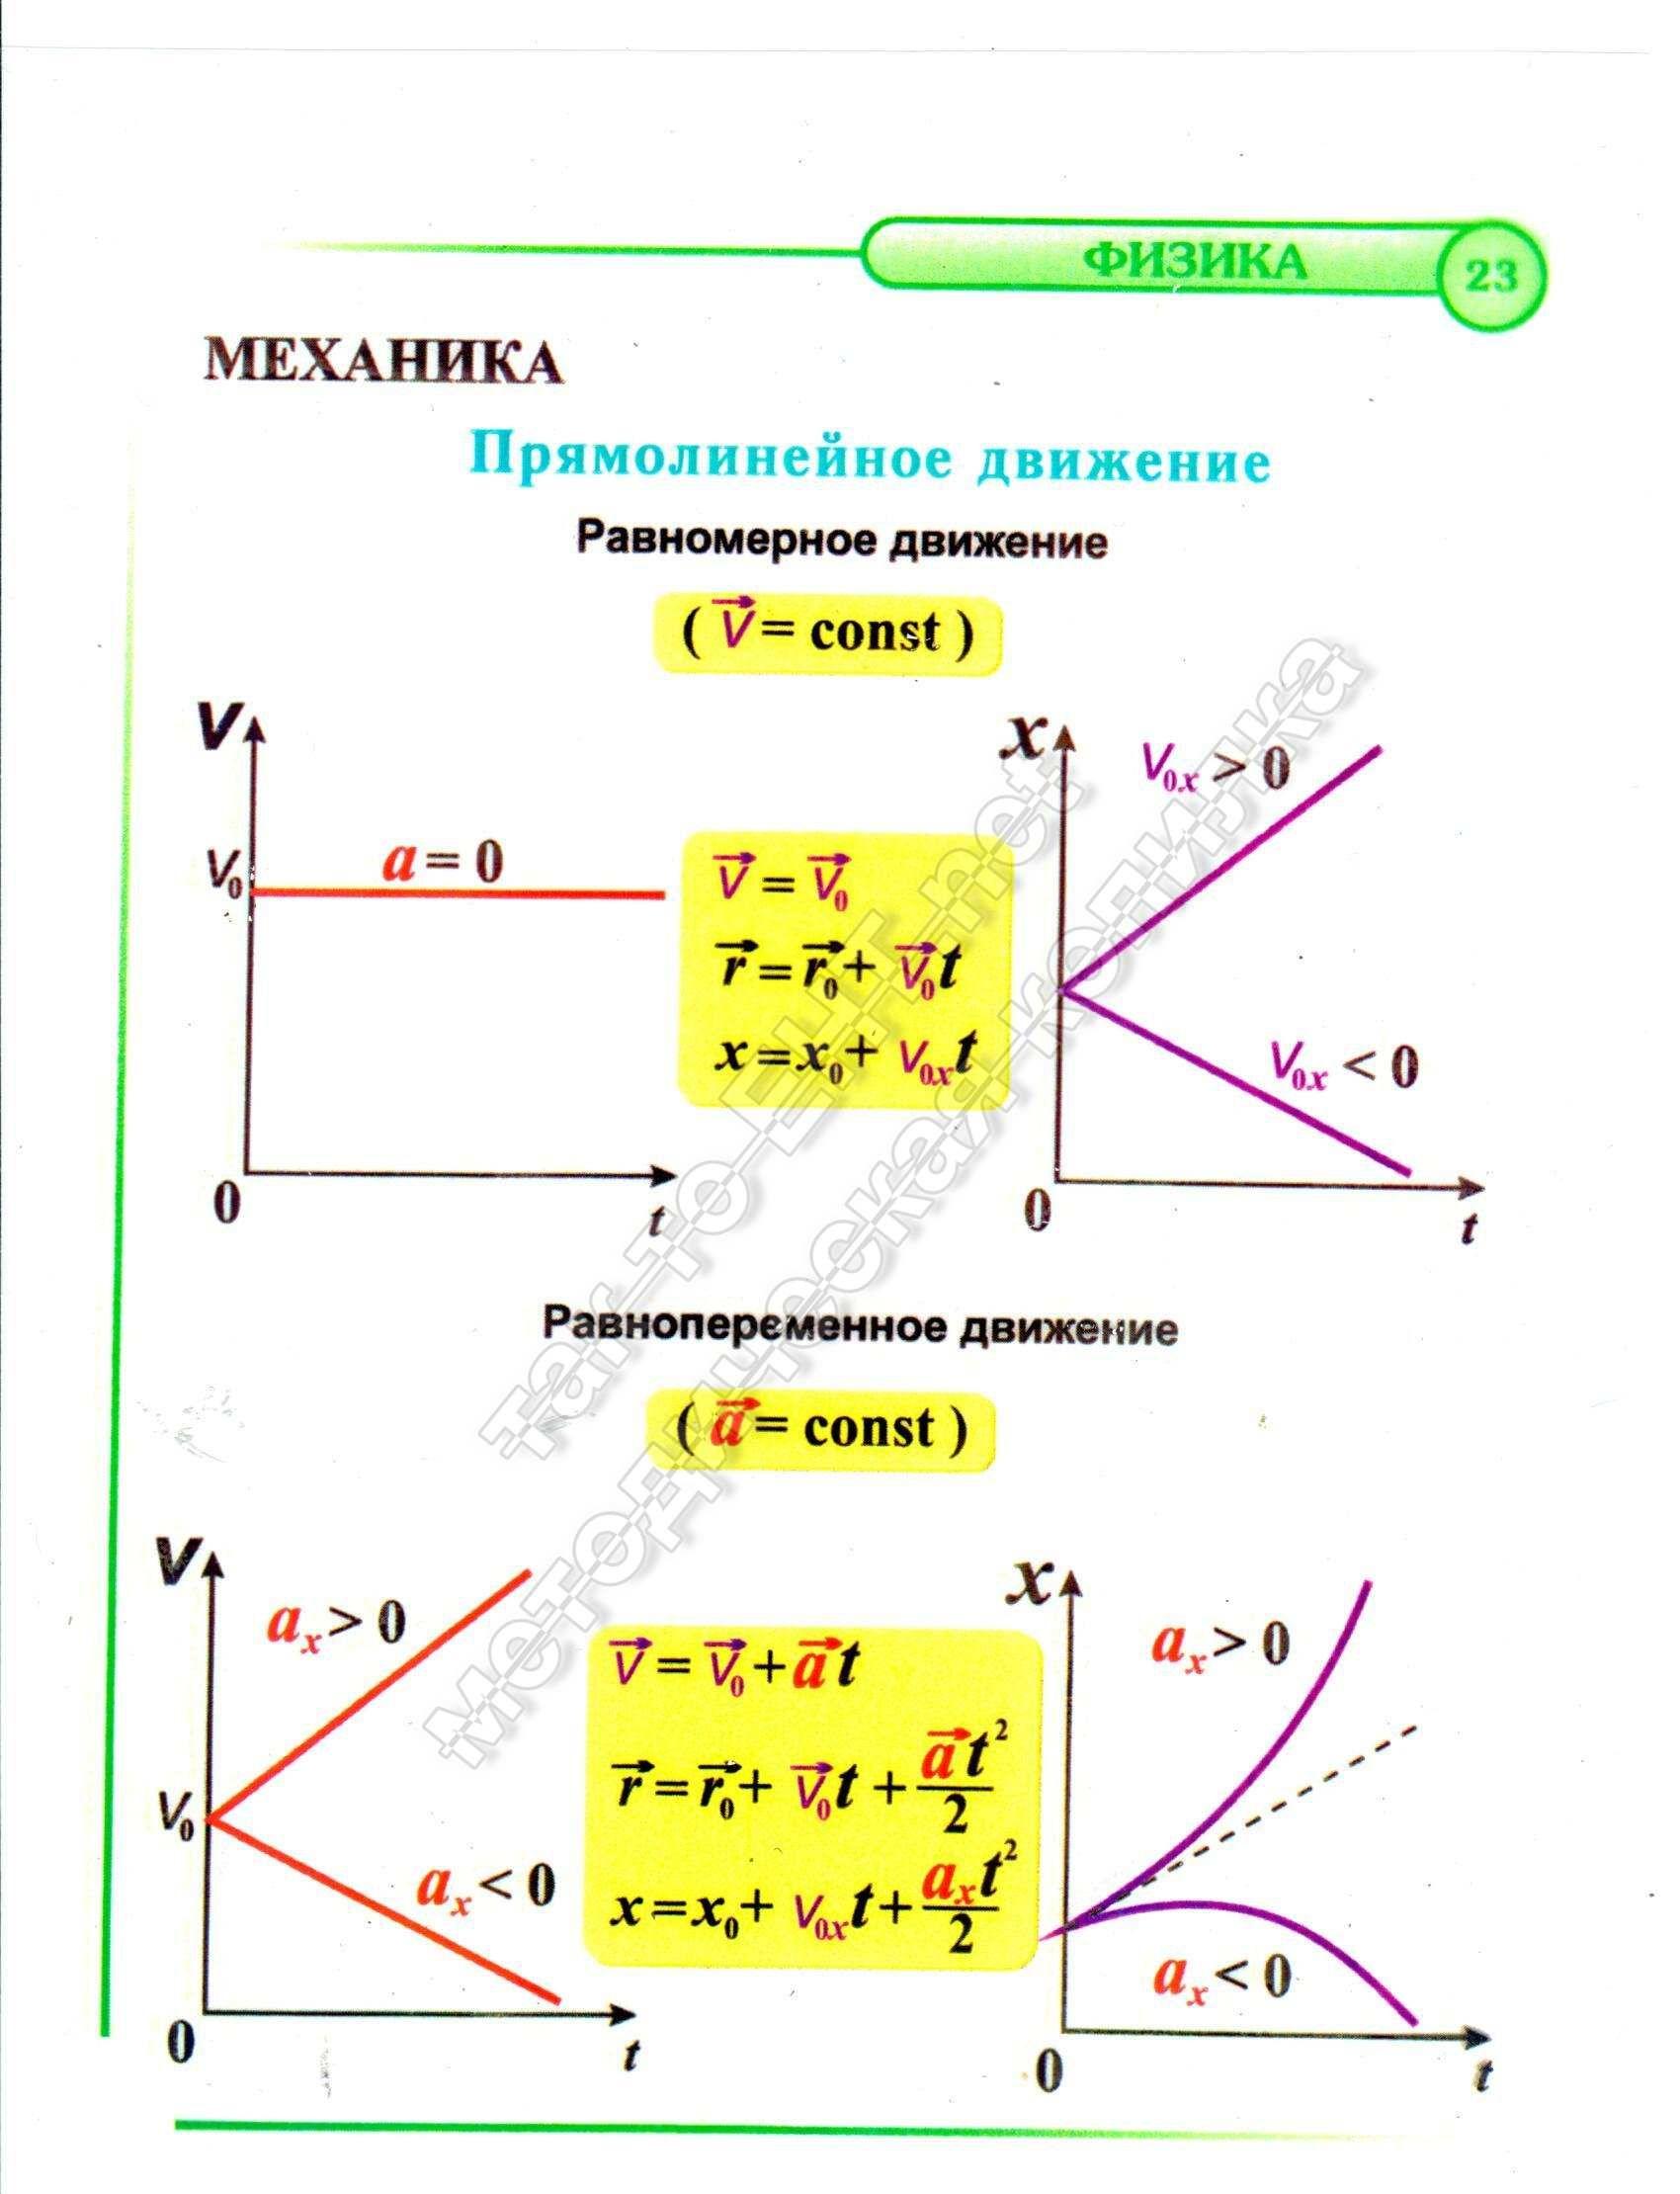 23 Прямолинейное движение (механика)